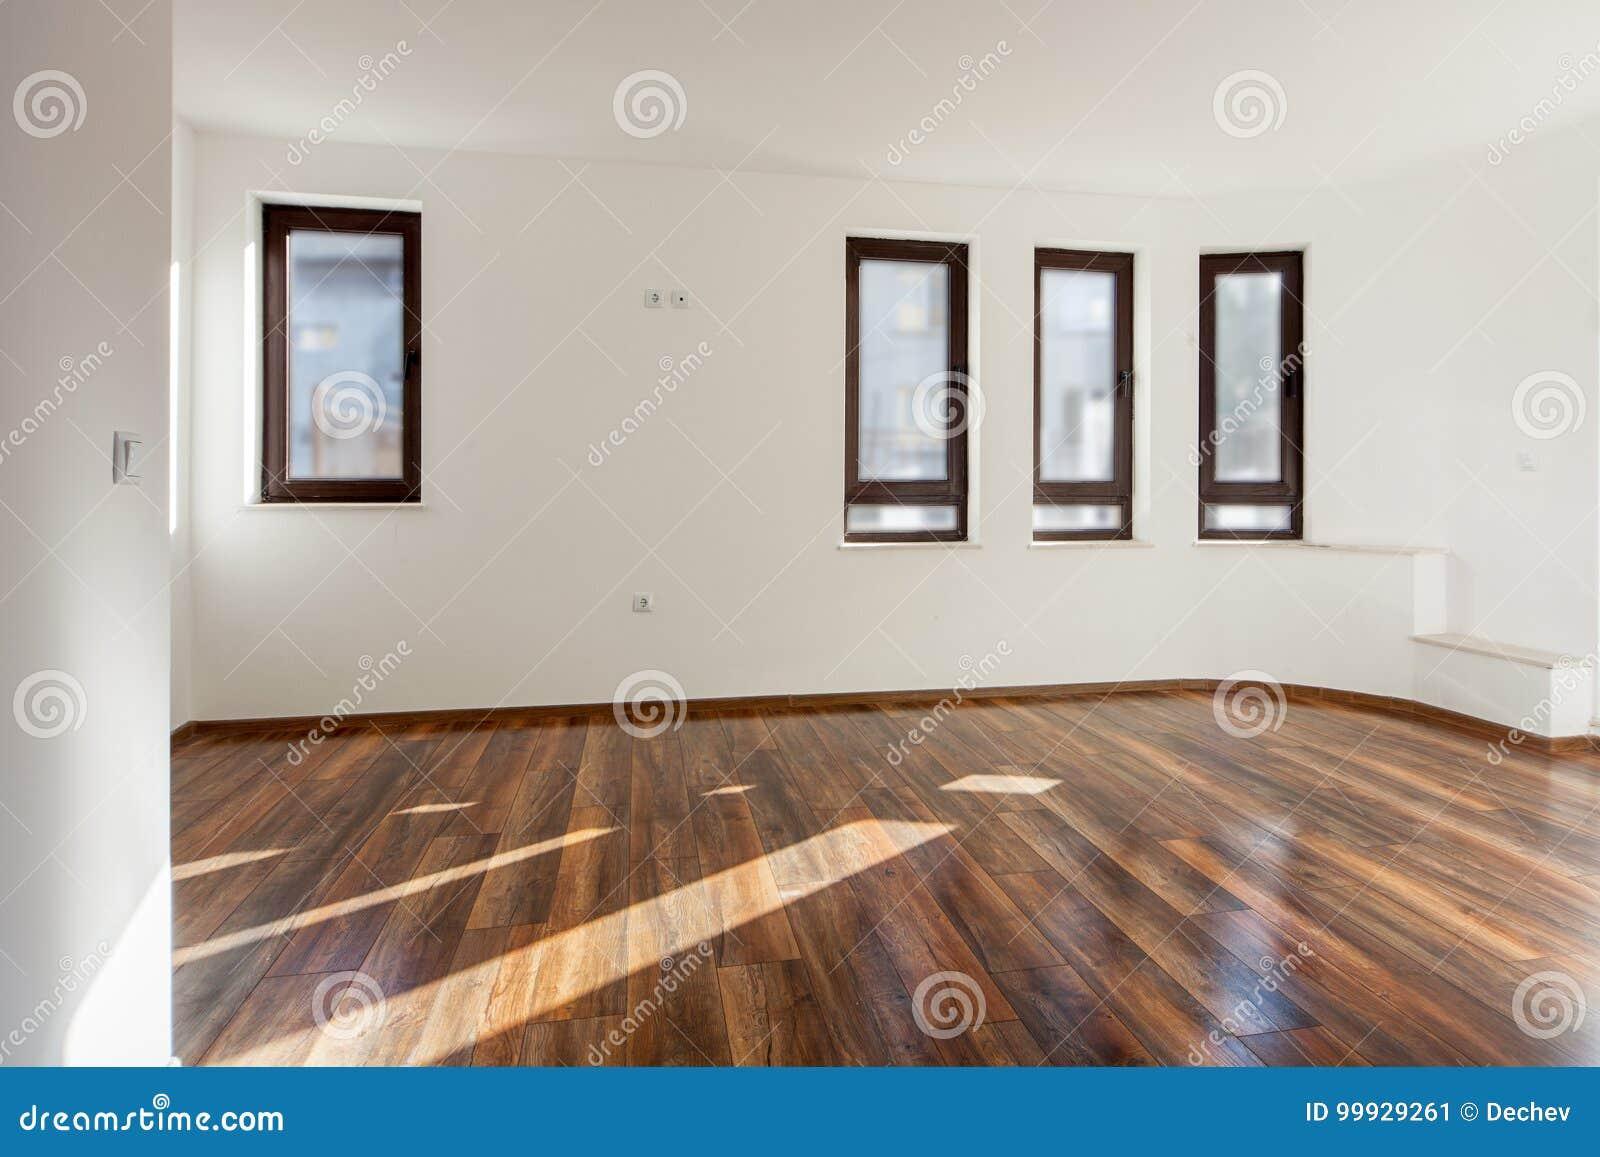 Sitio vac o con la luz natural de ventanas interior - Suelos rusticos interior fotos ...